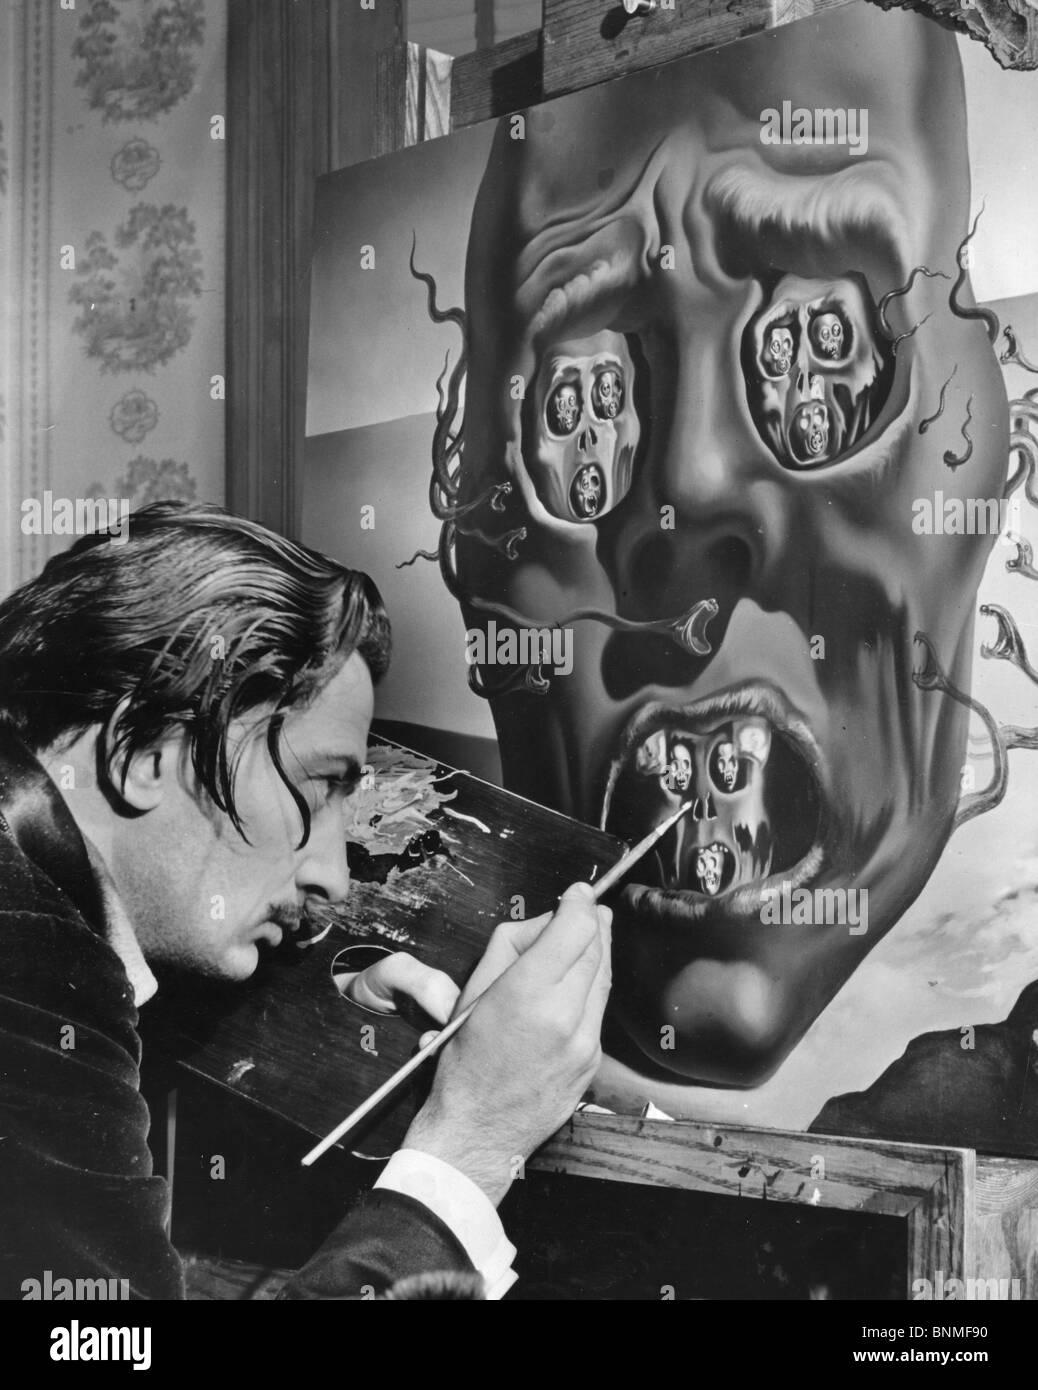 SALVADOR DALÍ (1984-1989), artista español trabajando en su pintura de la cara de la guerra en los EE.UU. en 1940 Foto de stock